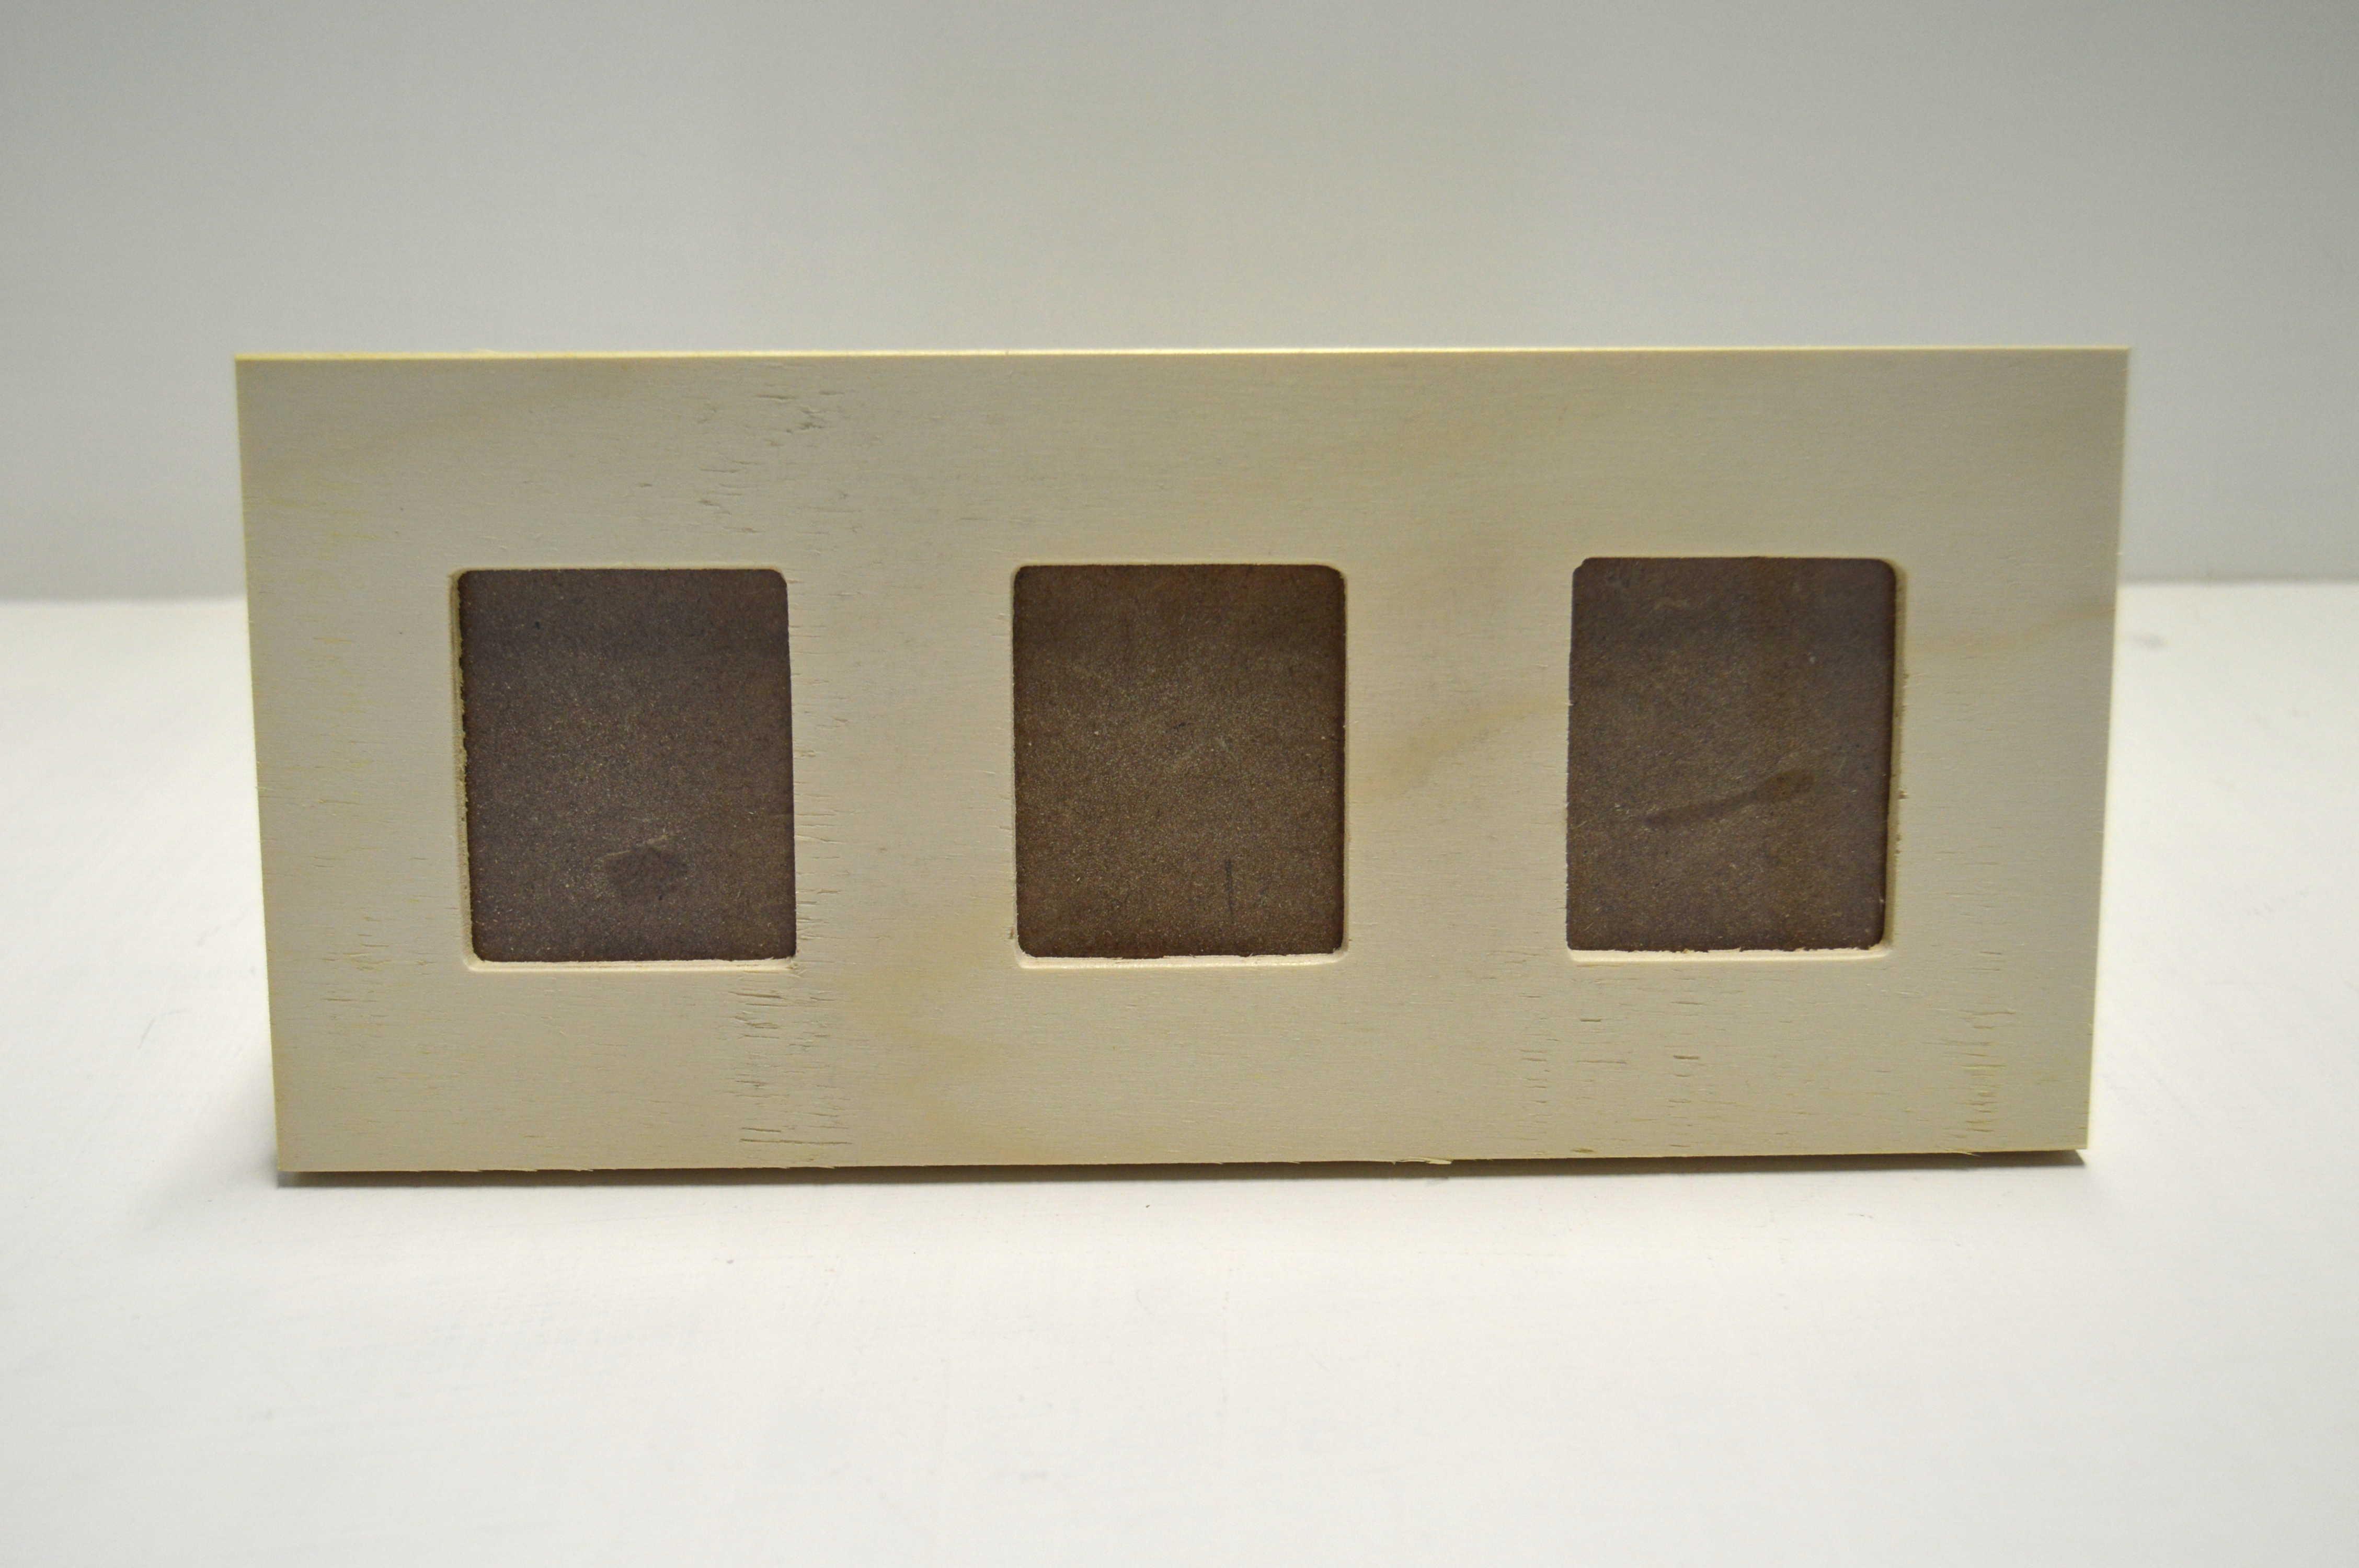 Ref. 650.1.01 med 11x25x1.2 (foto 5x6)